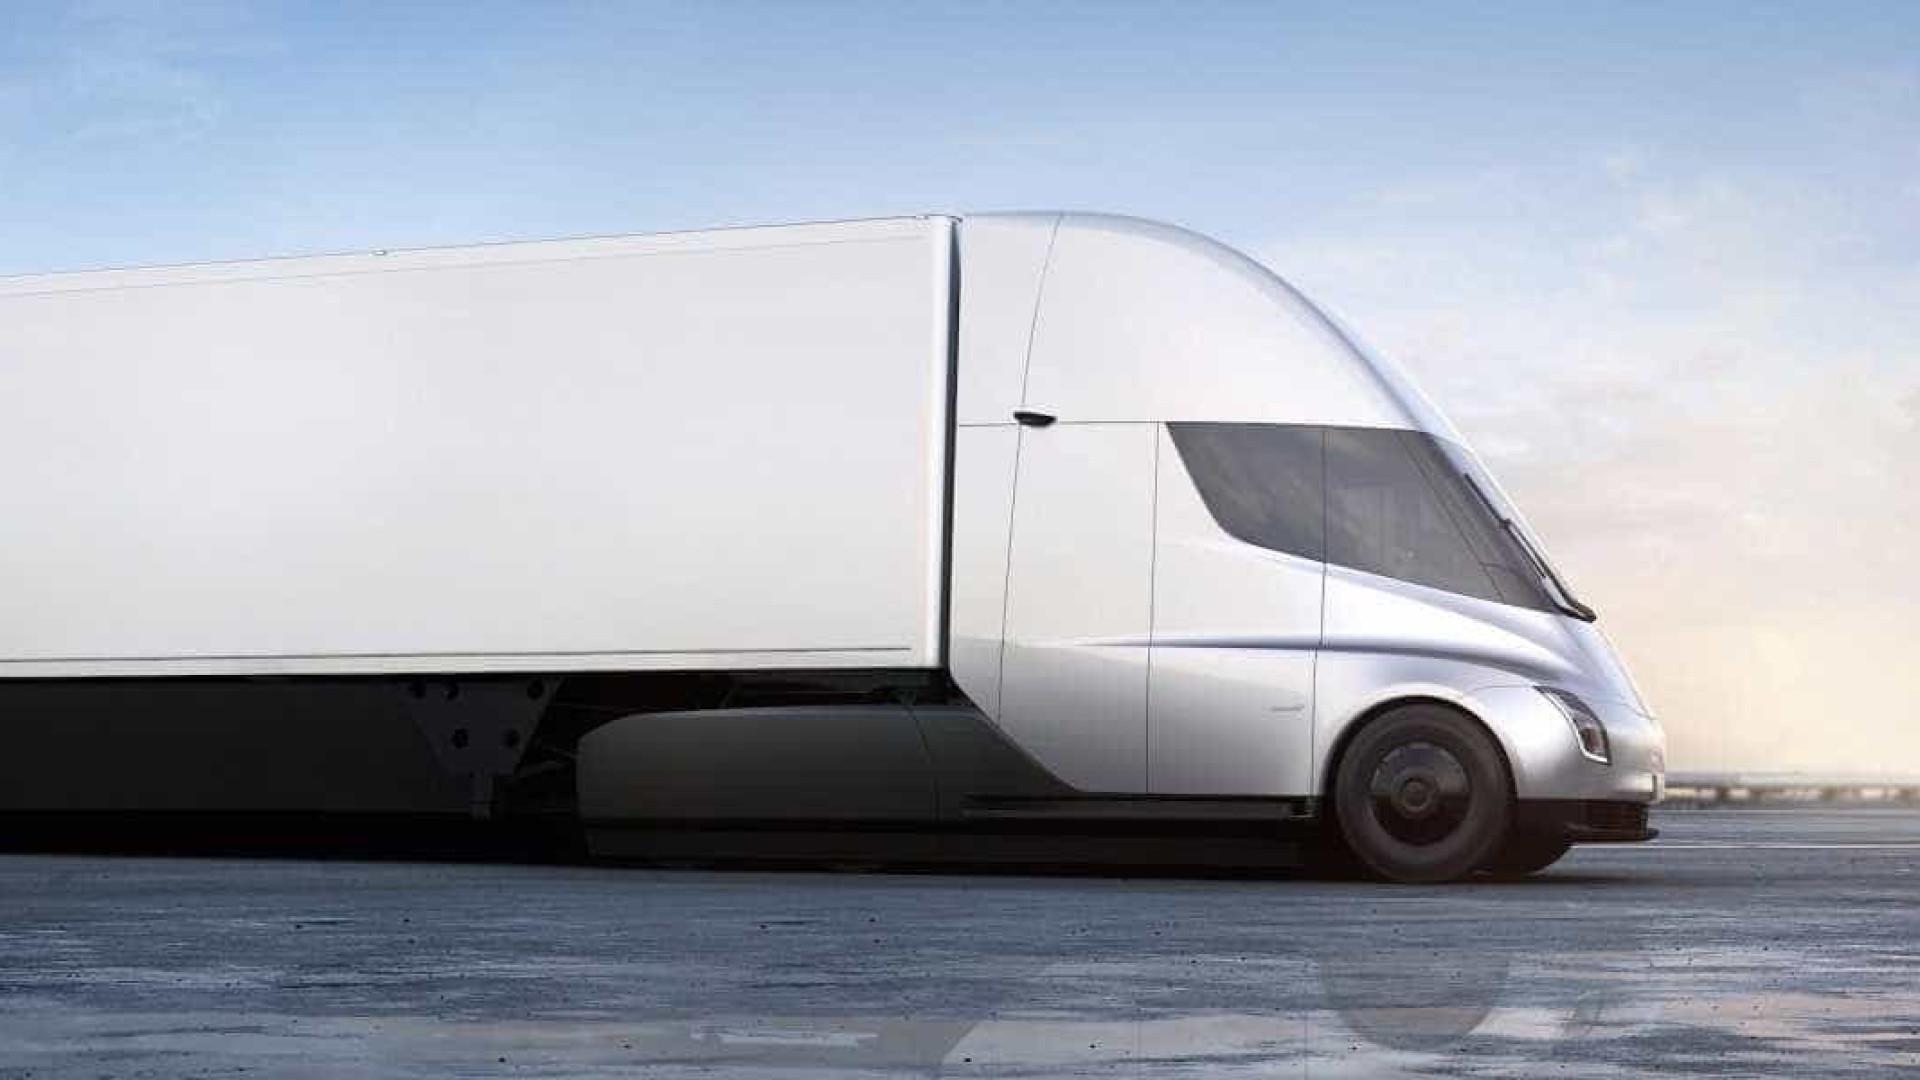 Uma empresa já encomendou 100 camiões elétricos da Tesla. Saiba qual é